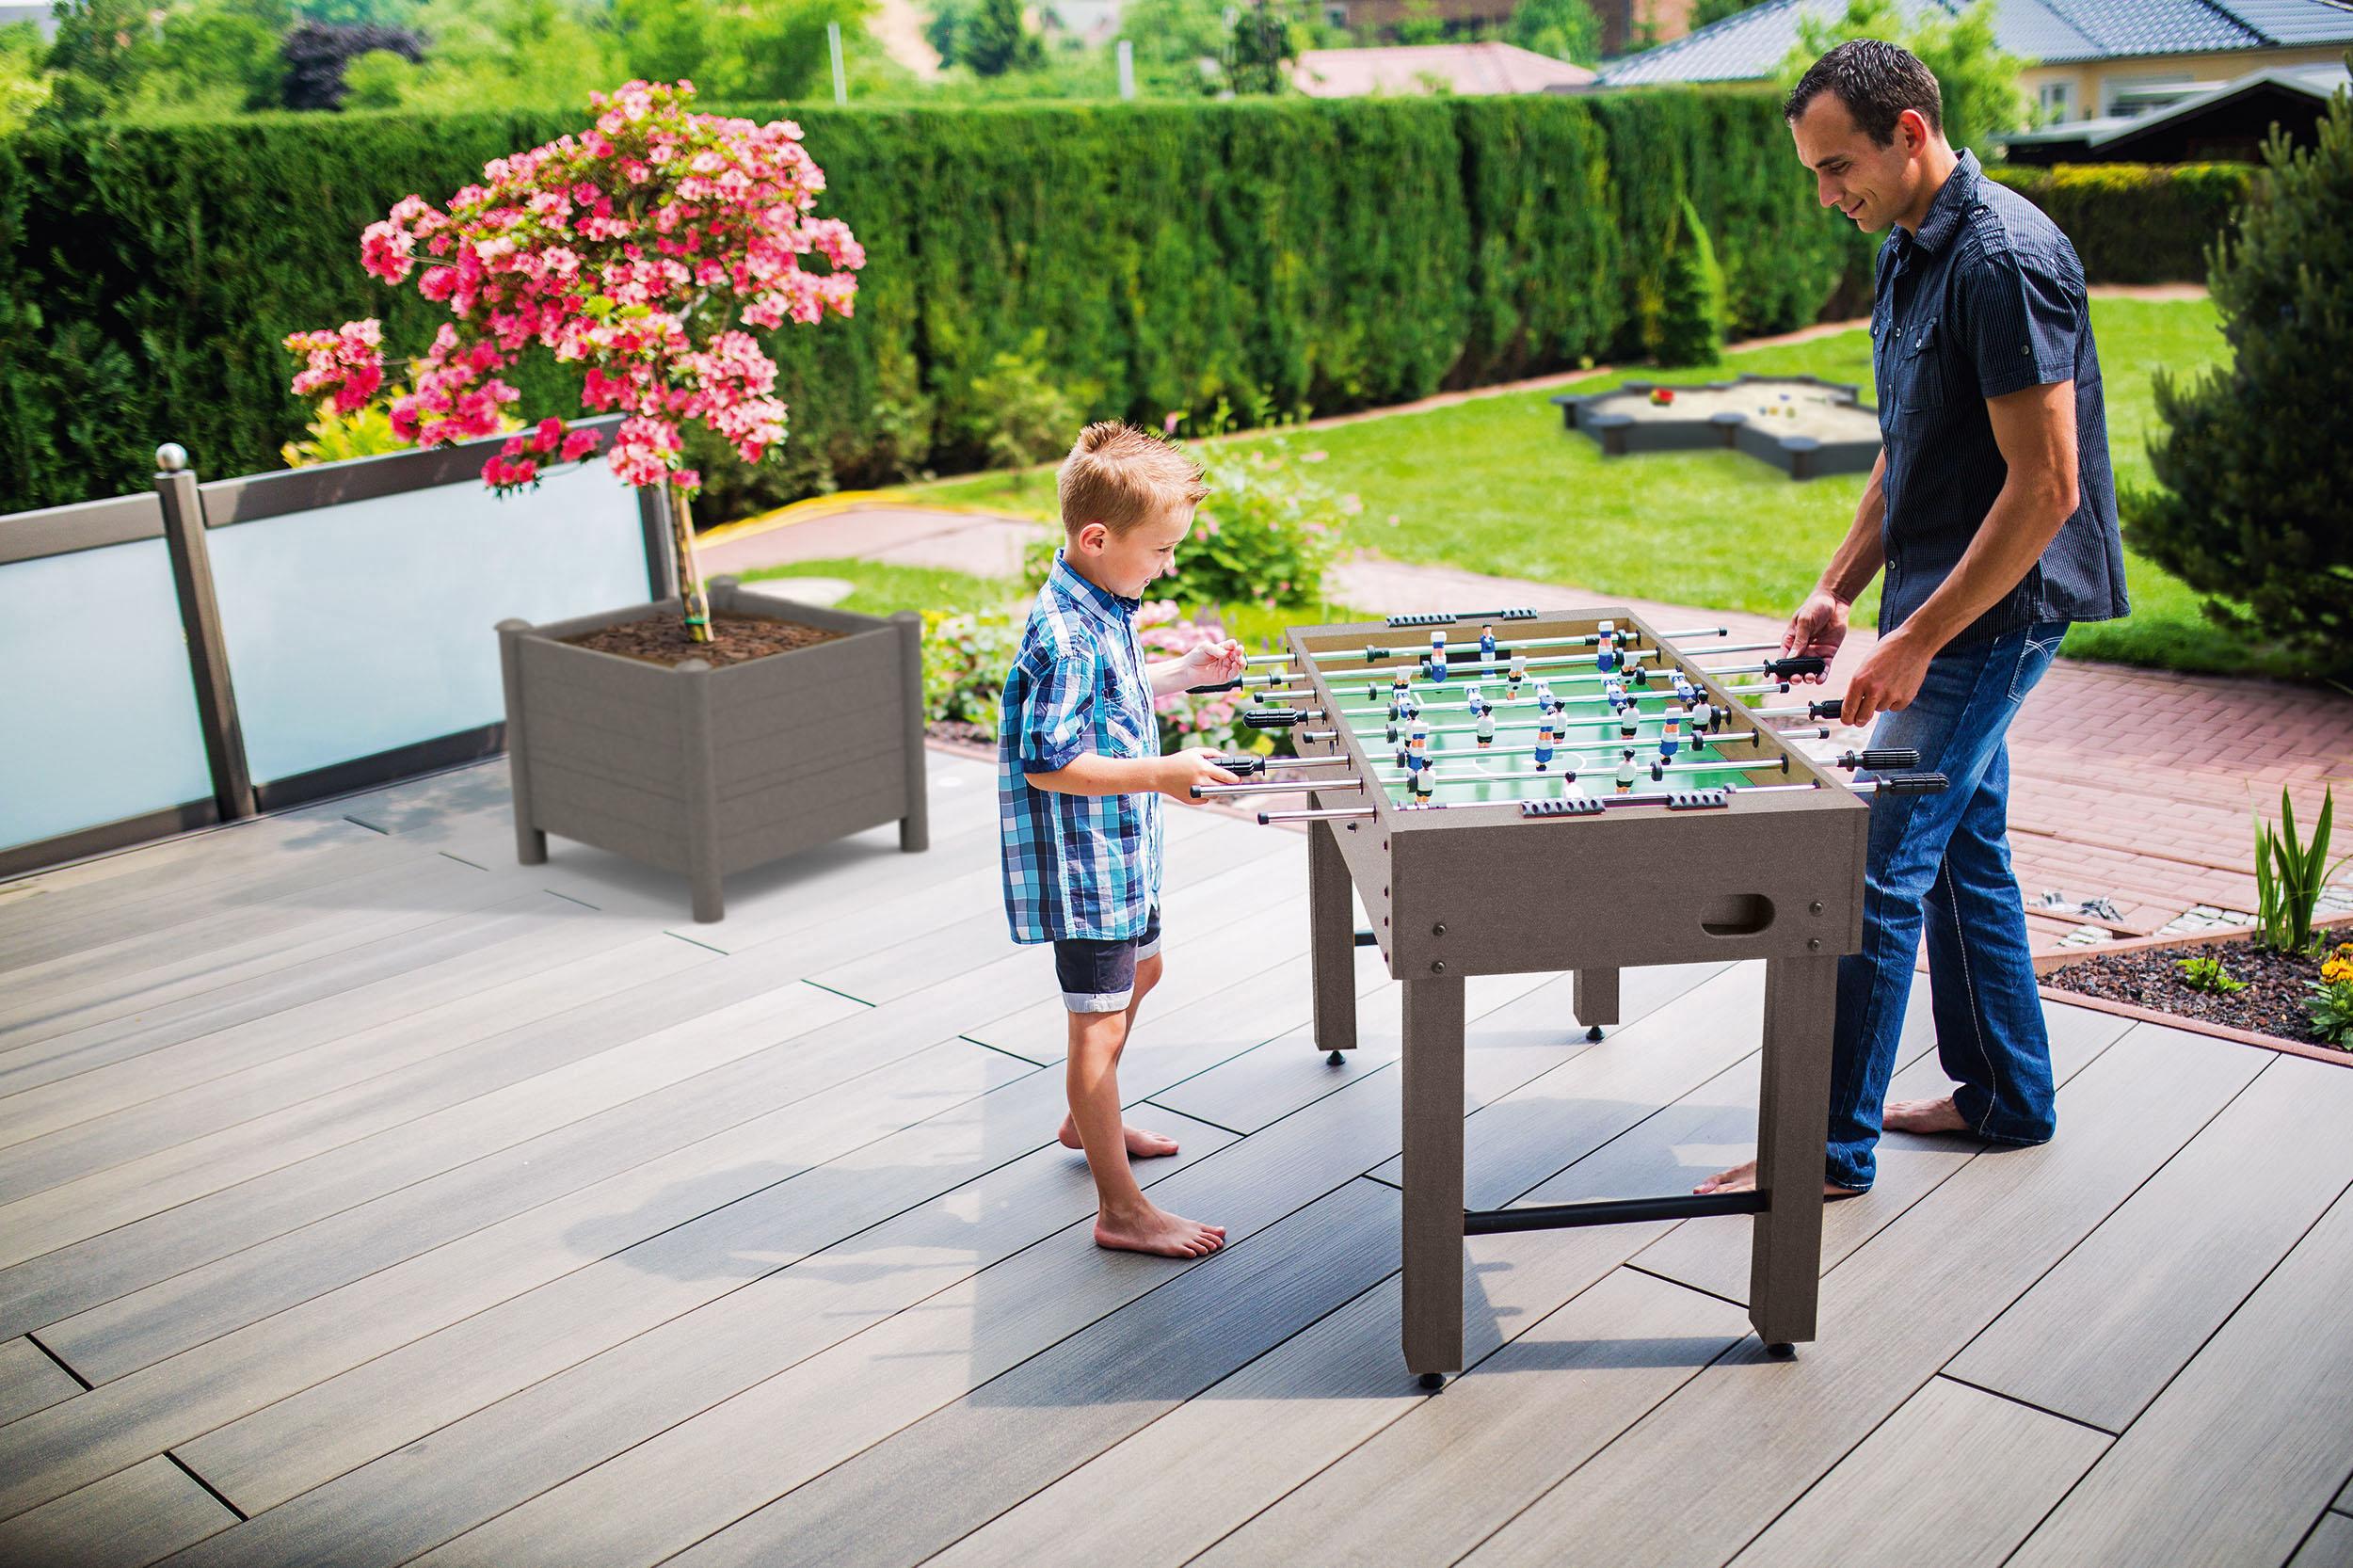 Vater und Sohn kickern auf der Tarrasse - Nachhaltige Terrassengestaltung